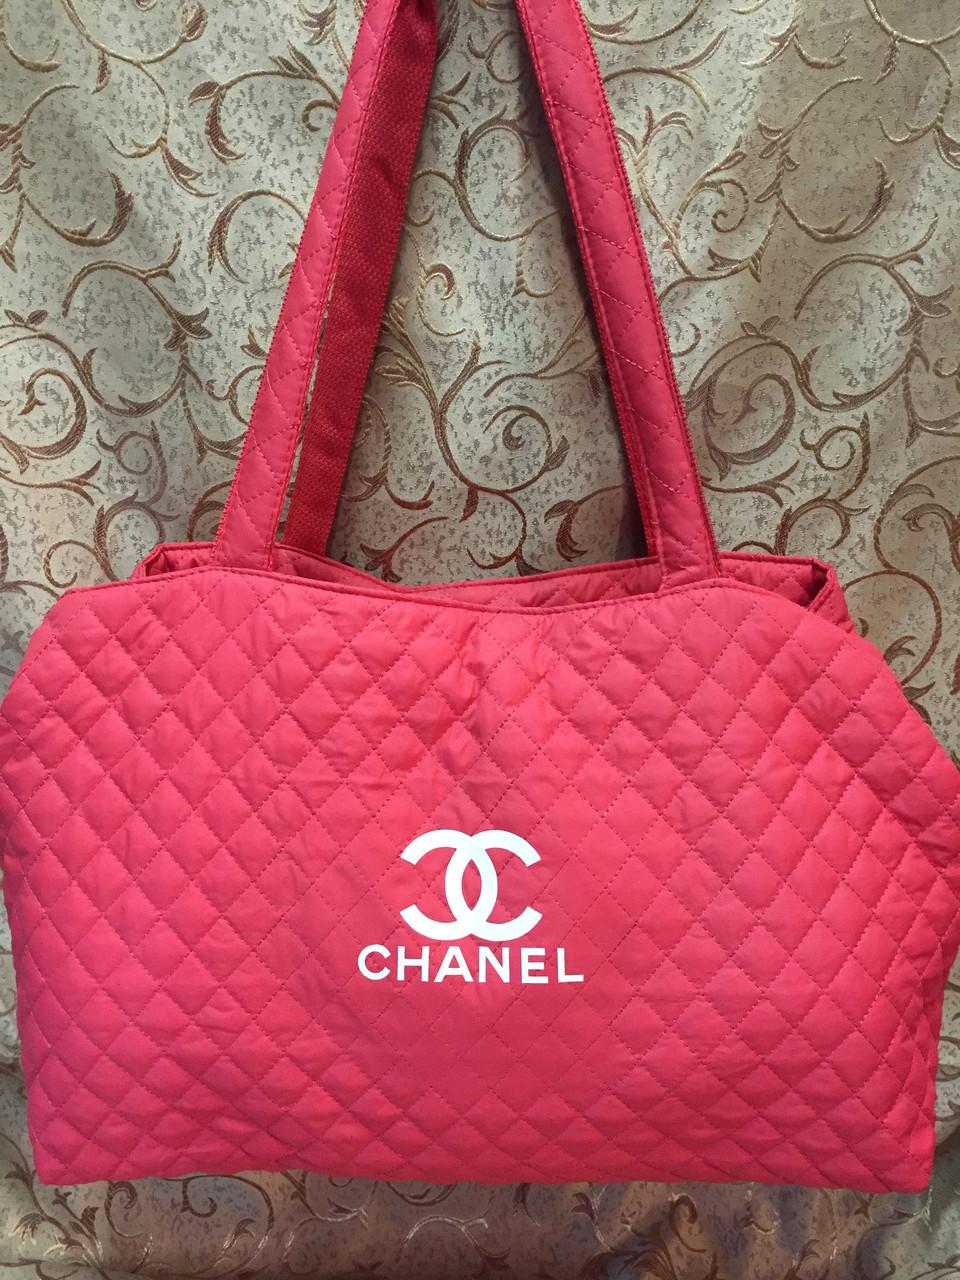 Женские сумка стеганная Сhanel/Шанель (Лучшее качество)сумка стеганная/ Сумка спортивная(Стильная)